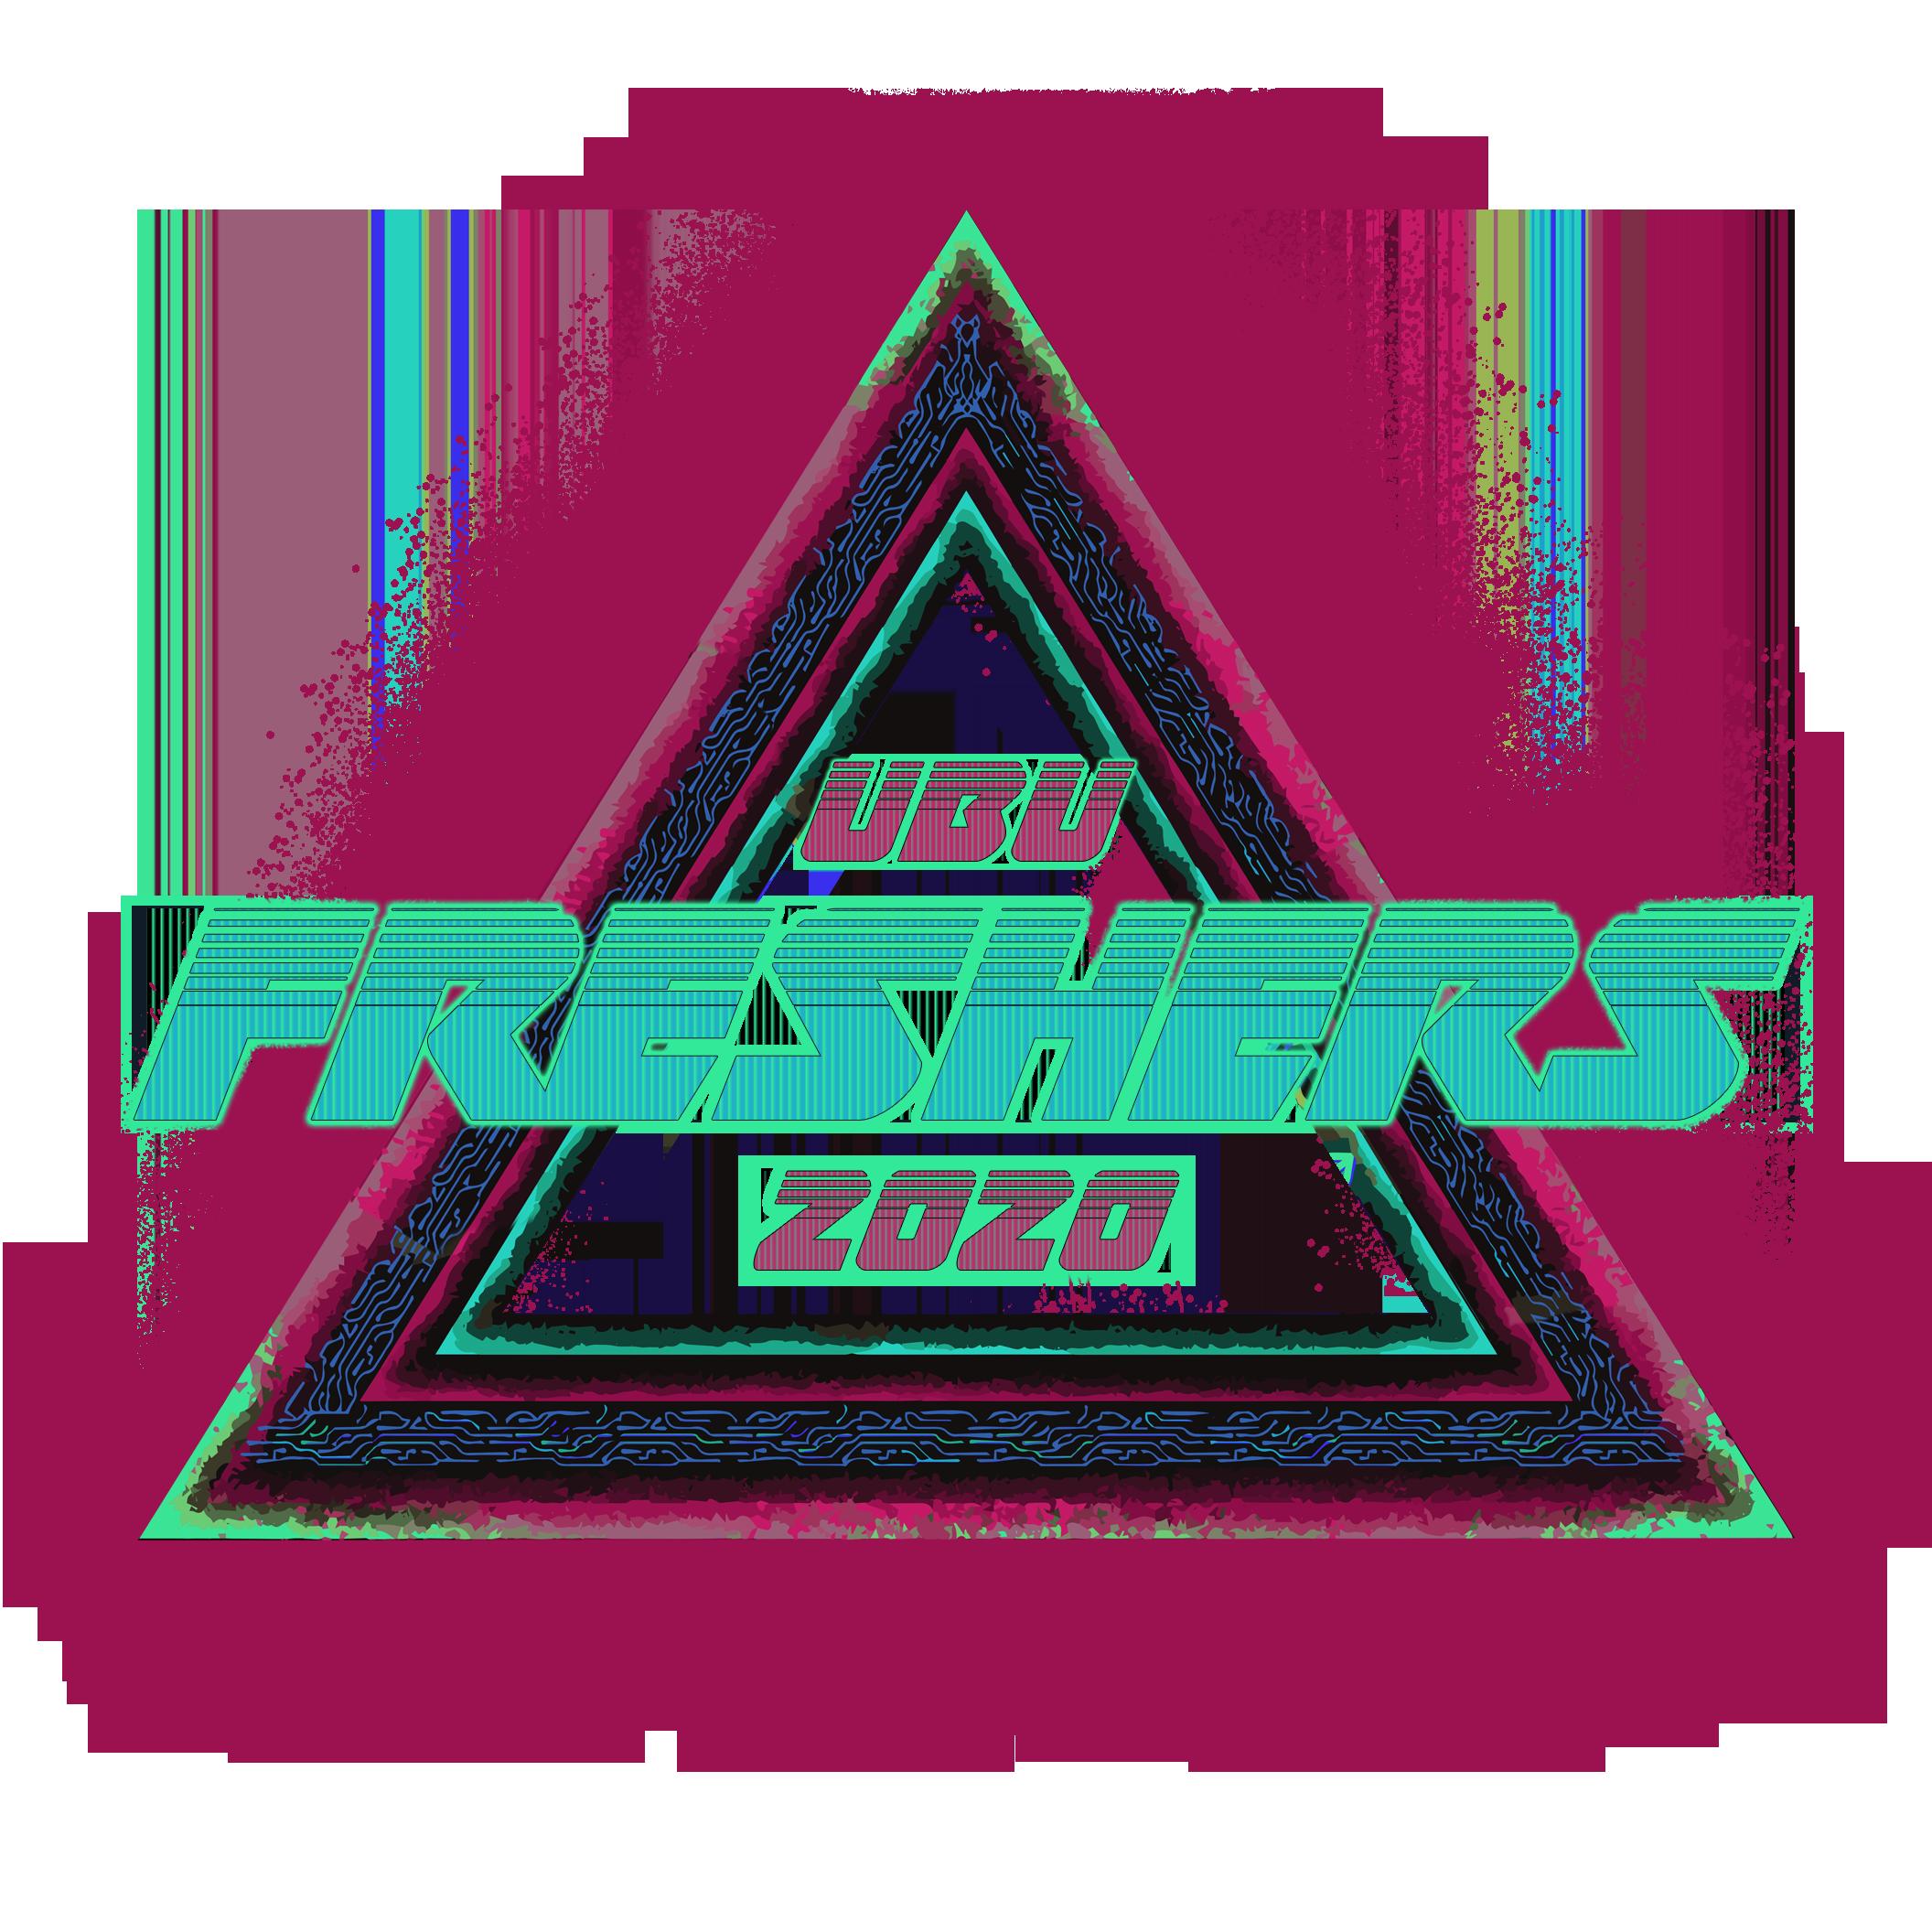 Freshers 2020 logo image